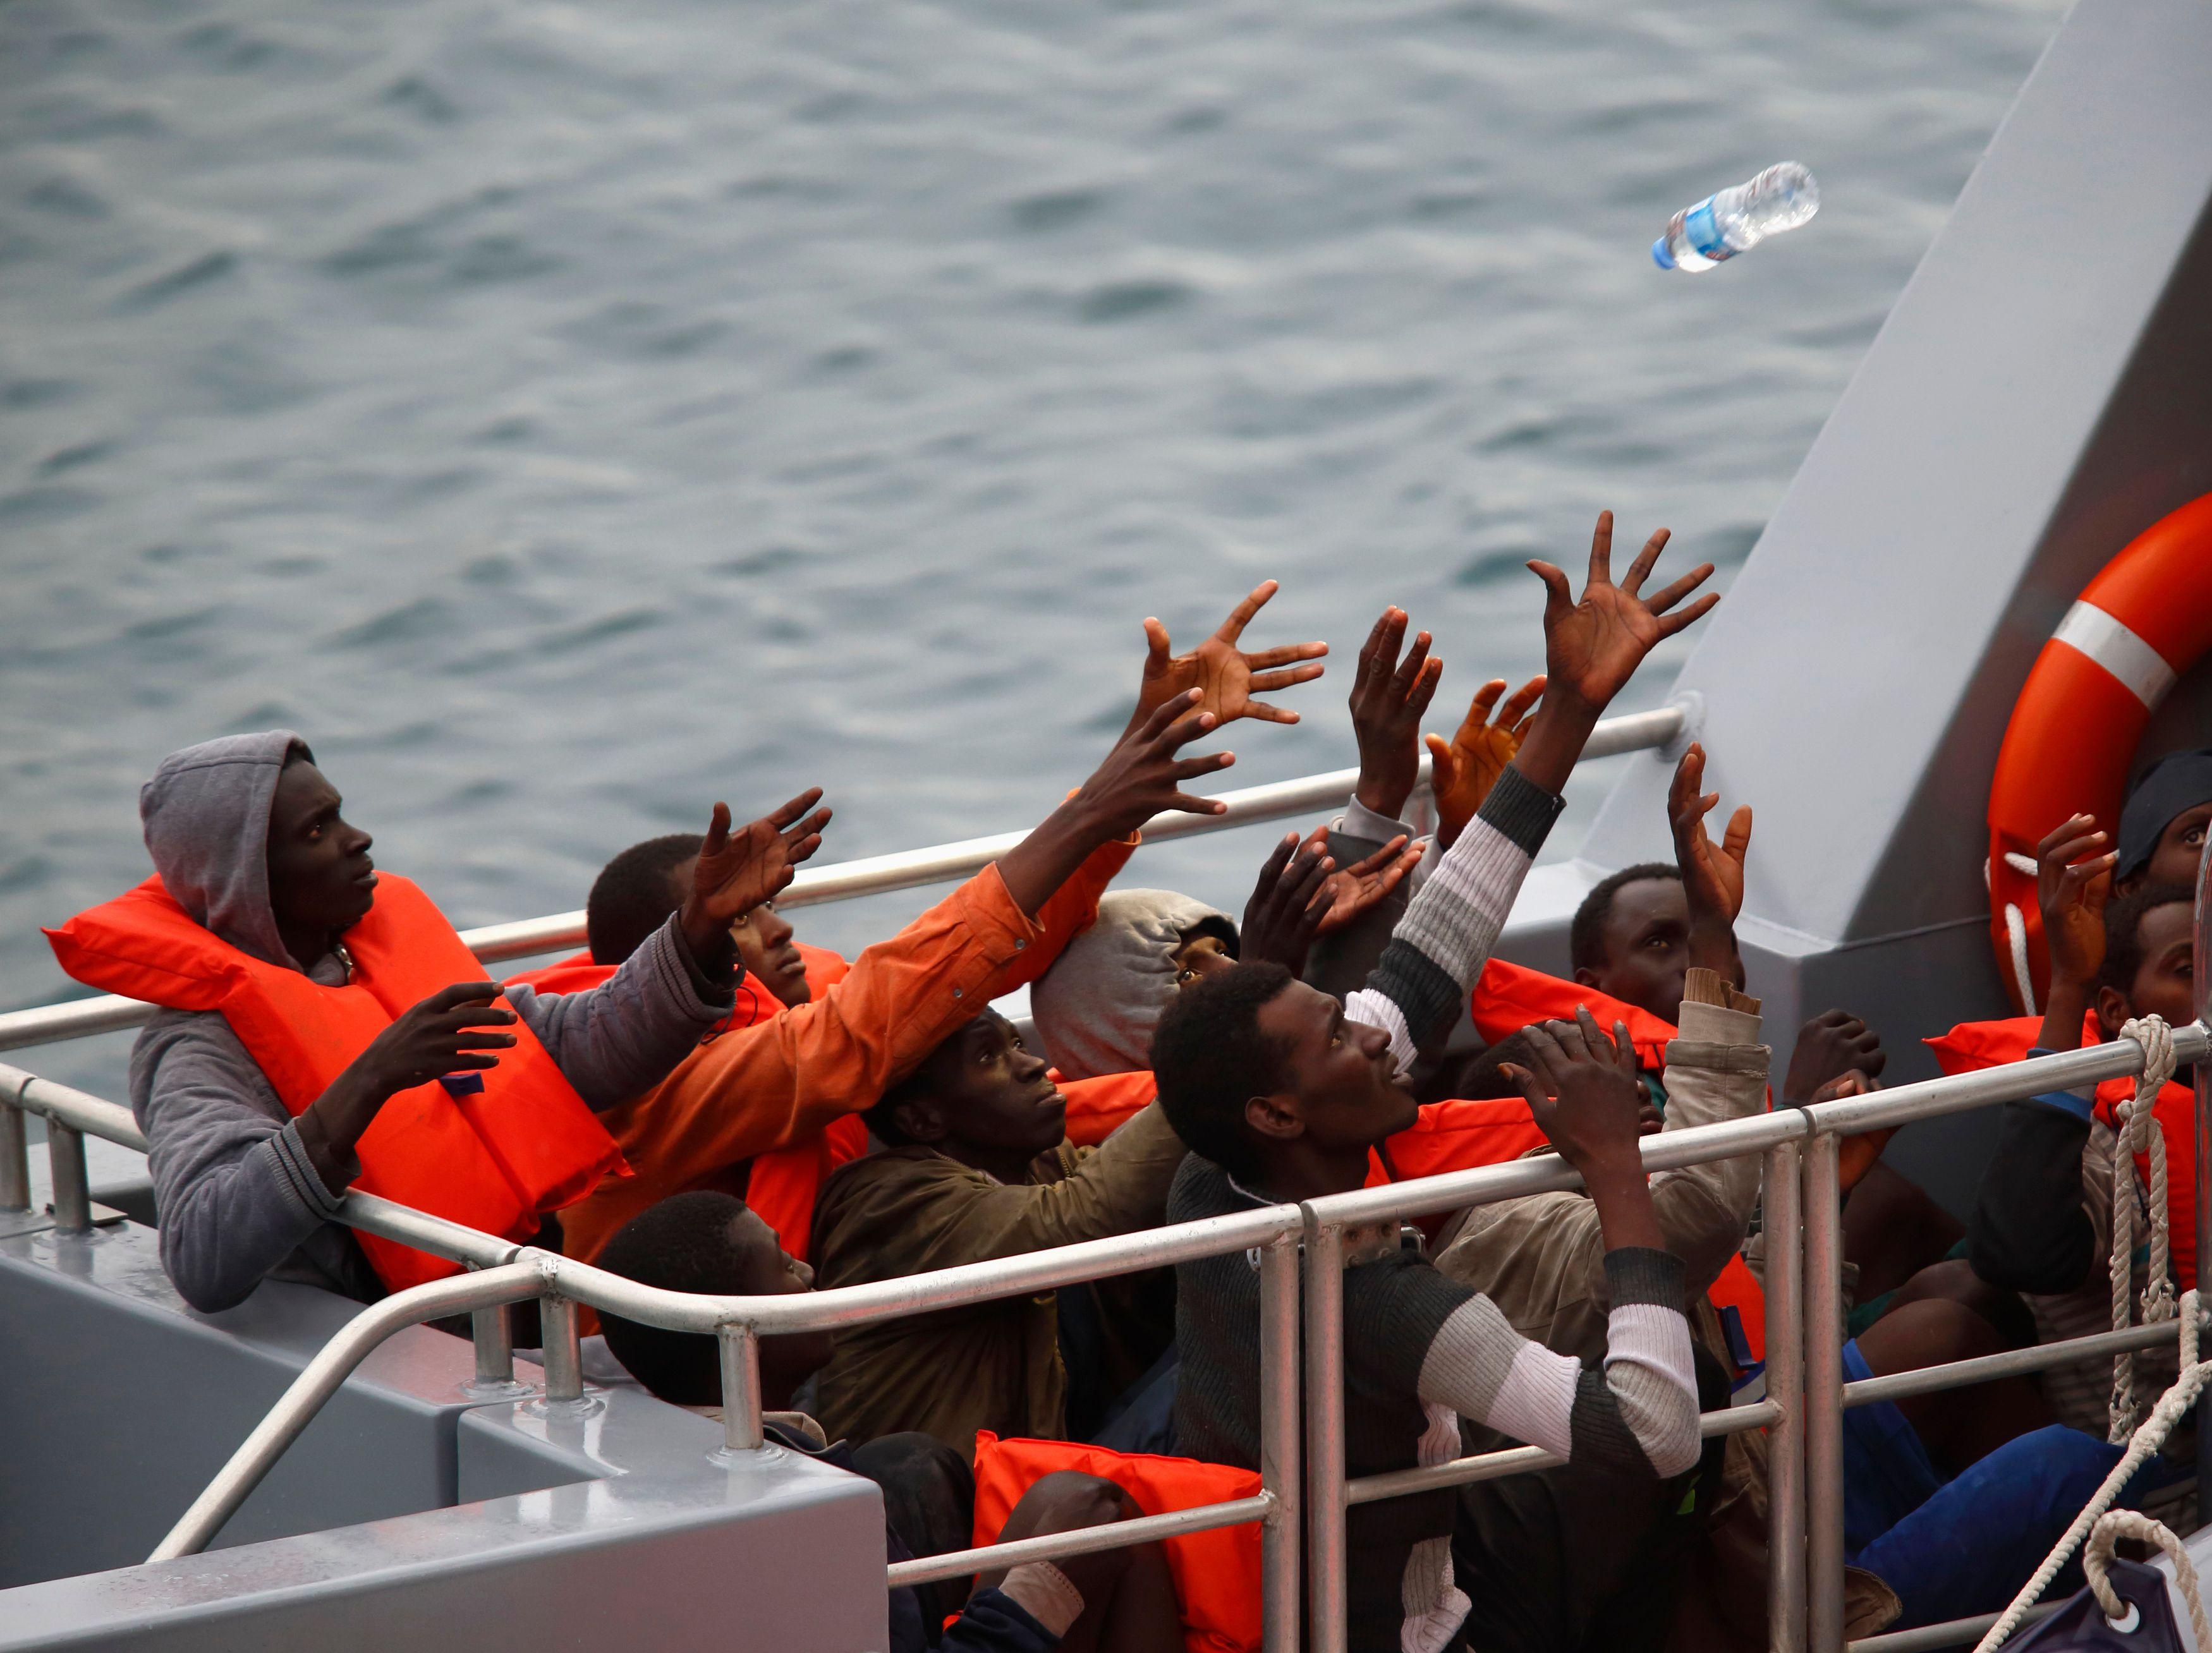 Entre 800 000 et un million de clandestins auraient pour projet de se rendre en Europe.